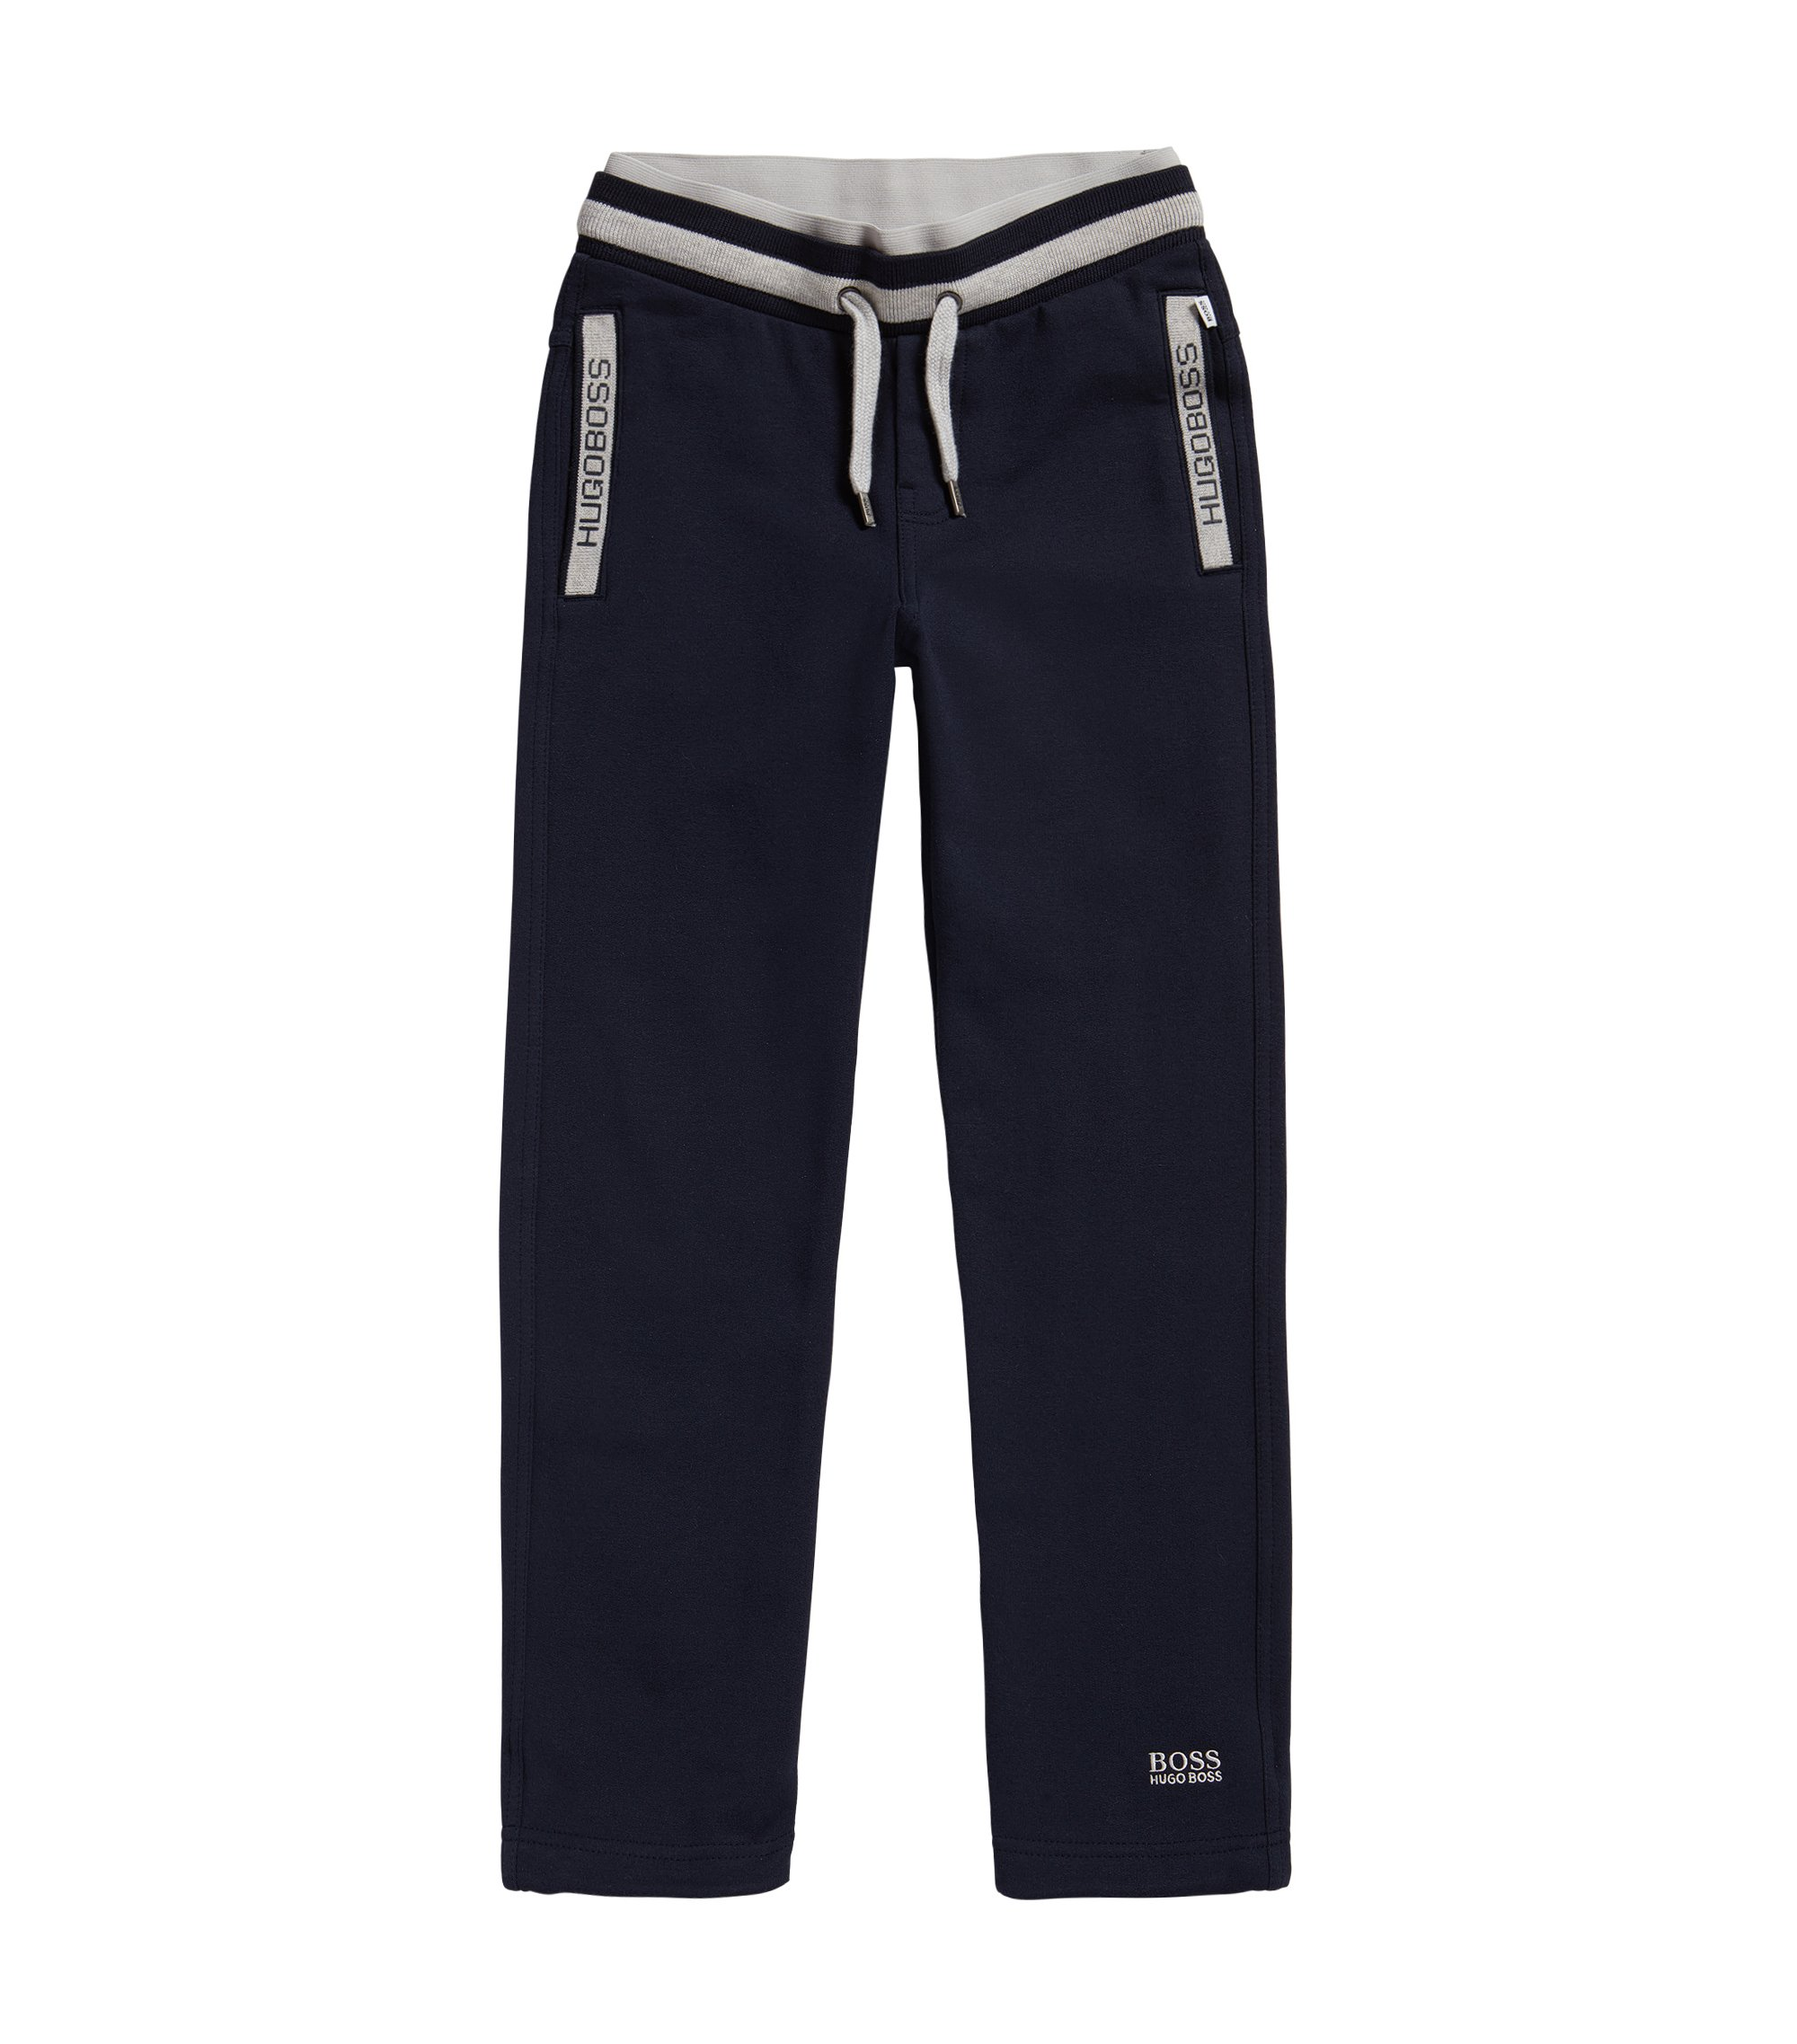 Pantalon molletonné pour enfant en coton mélangé extensible, avec cordon de serrage: «J24414», Bleu foncé